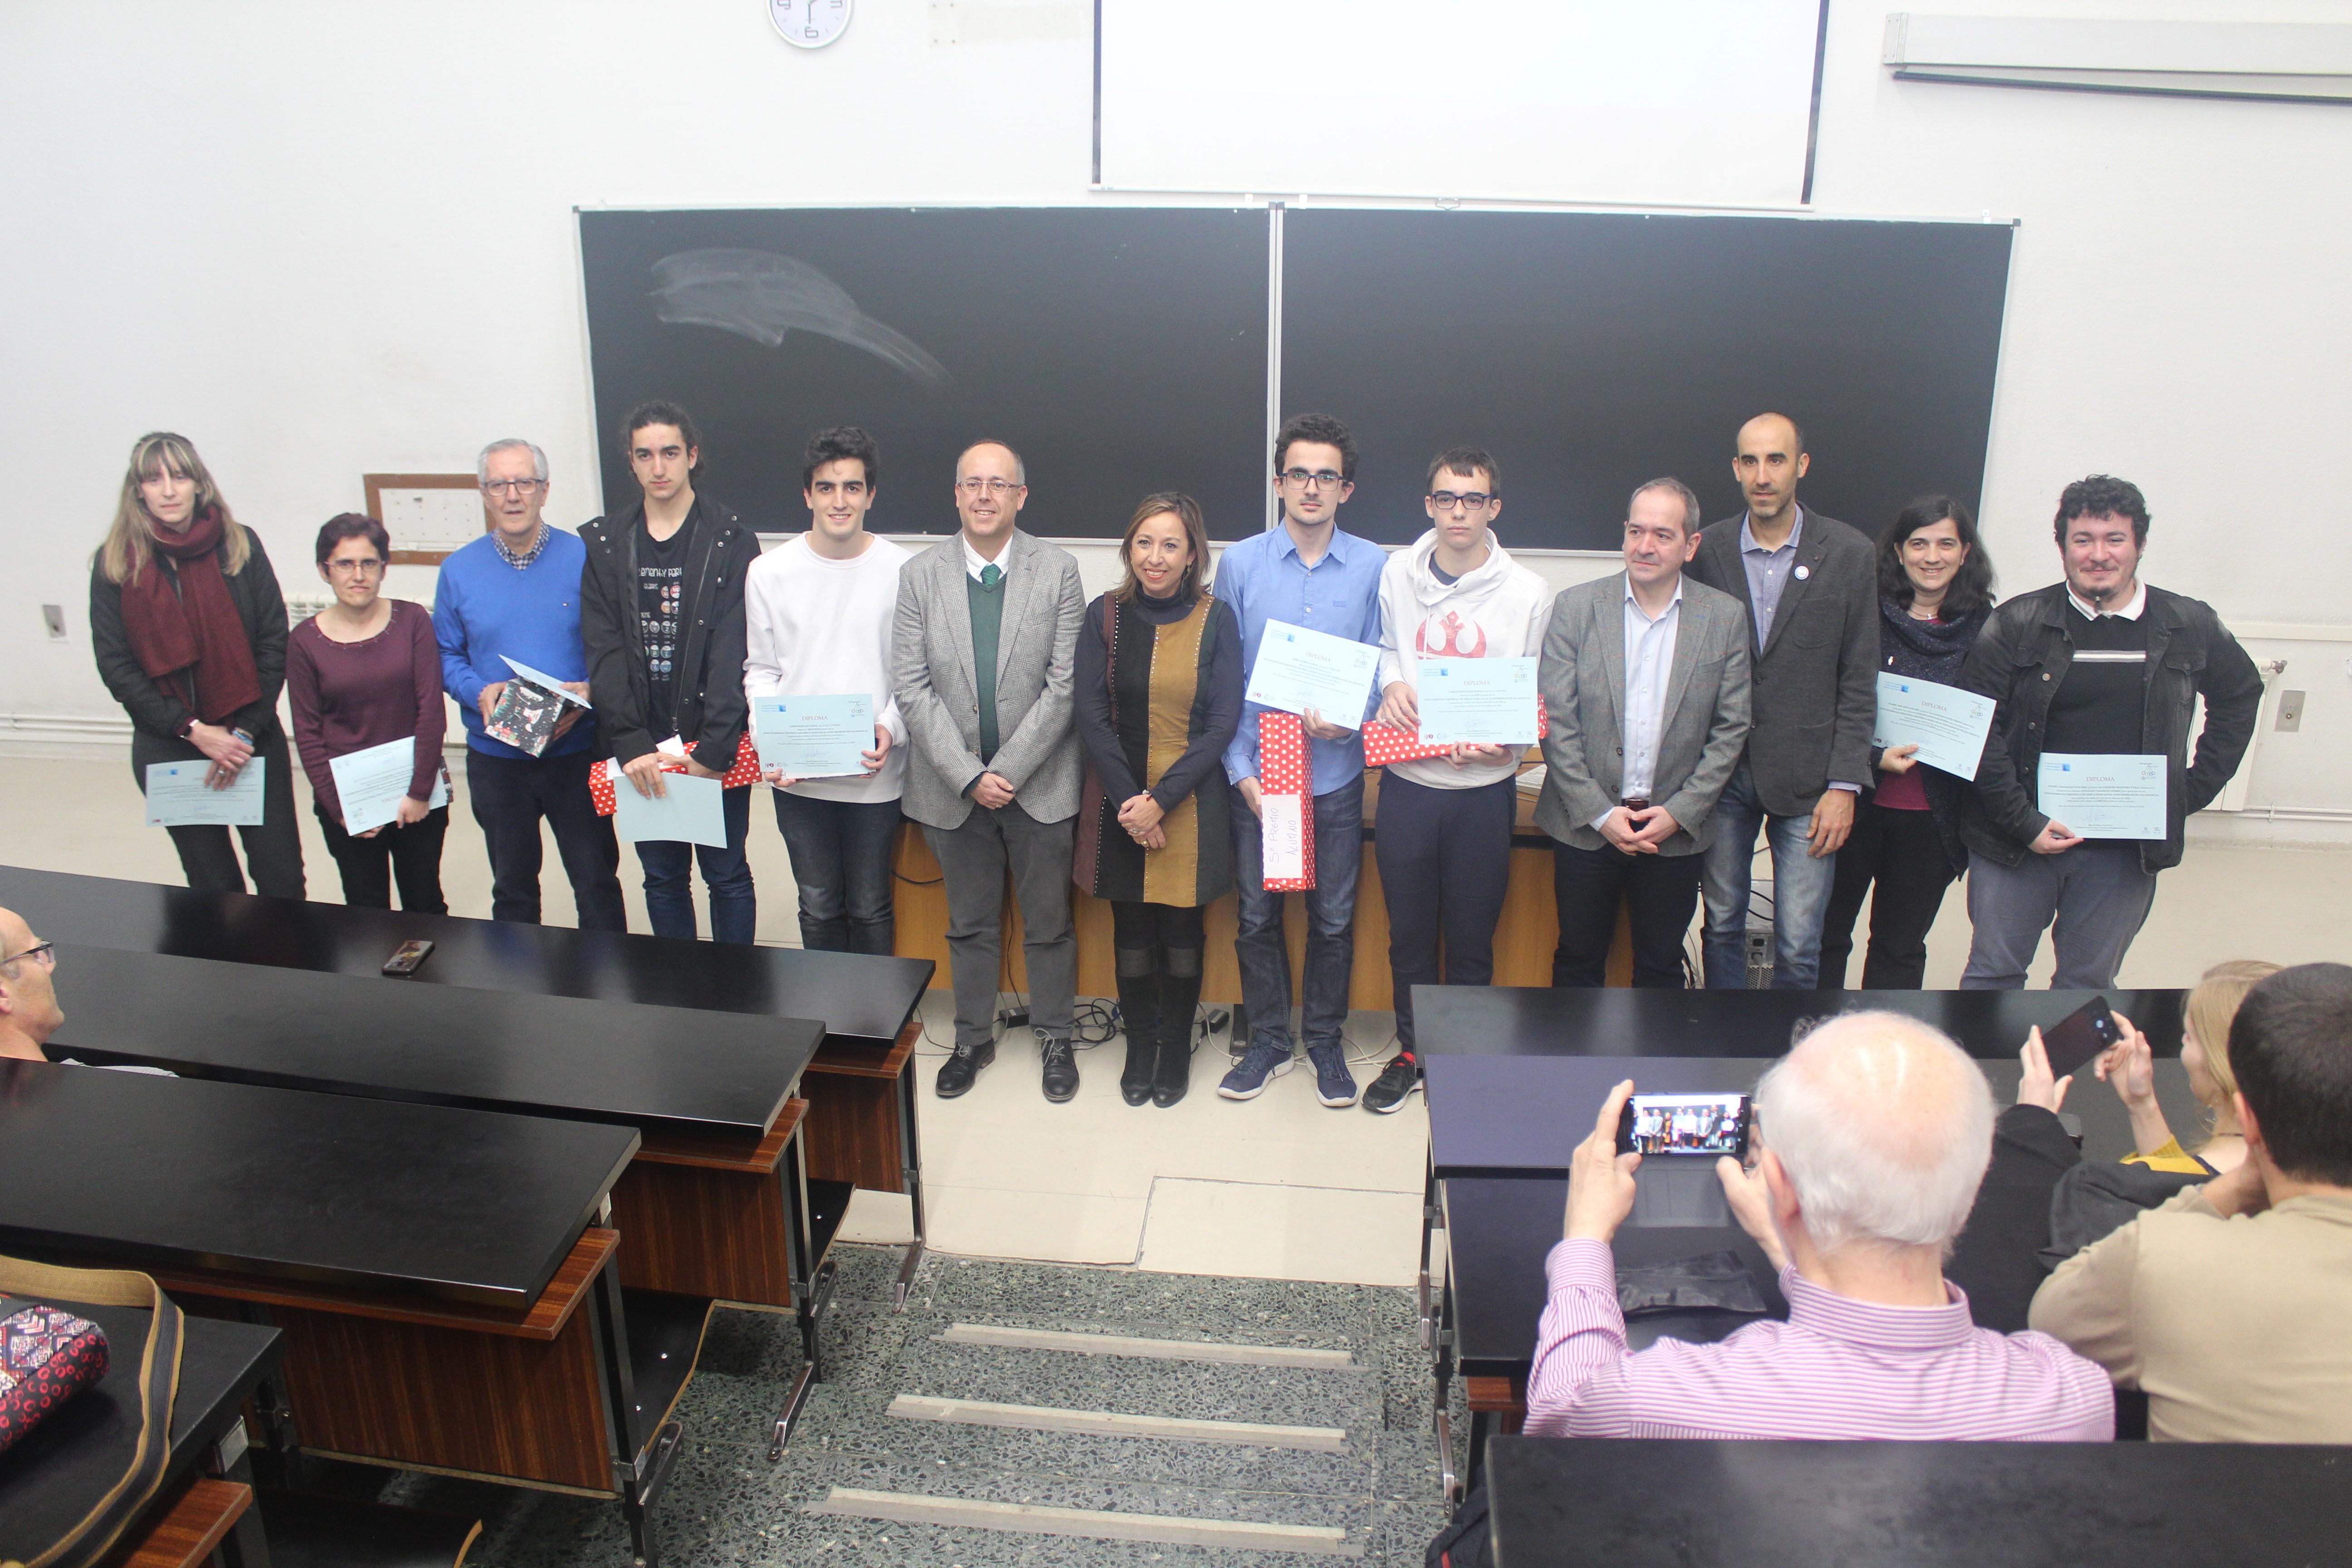 La Facultad de Ciencias acoge la entrega de premios de la fase local de la XXXI Olimpiada de Física para estudiantes de bachillerato